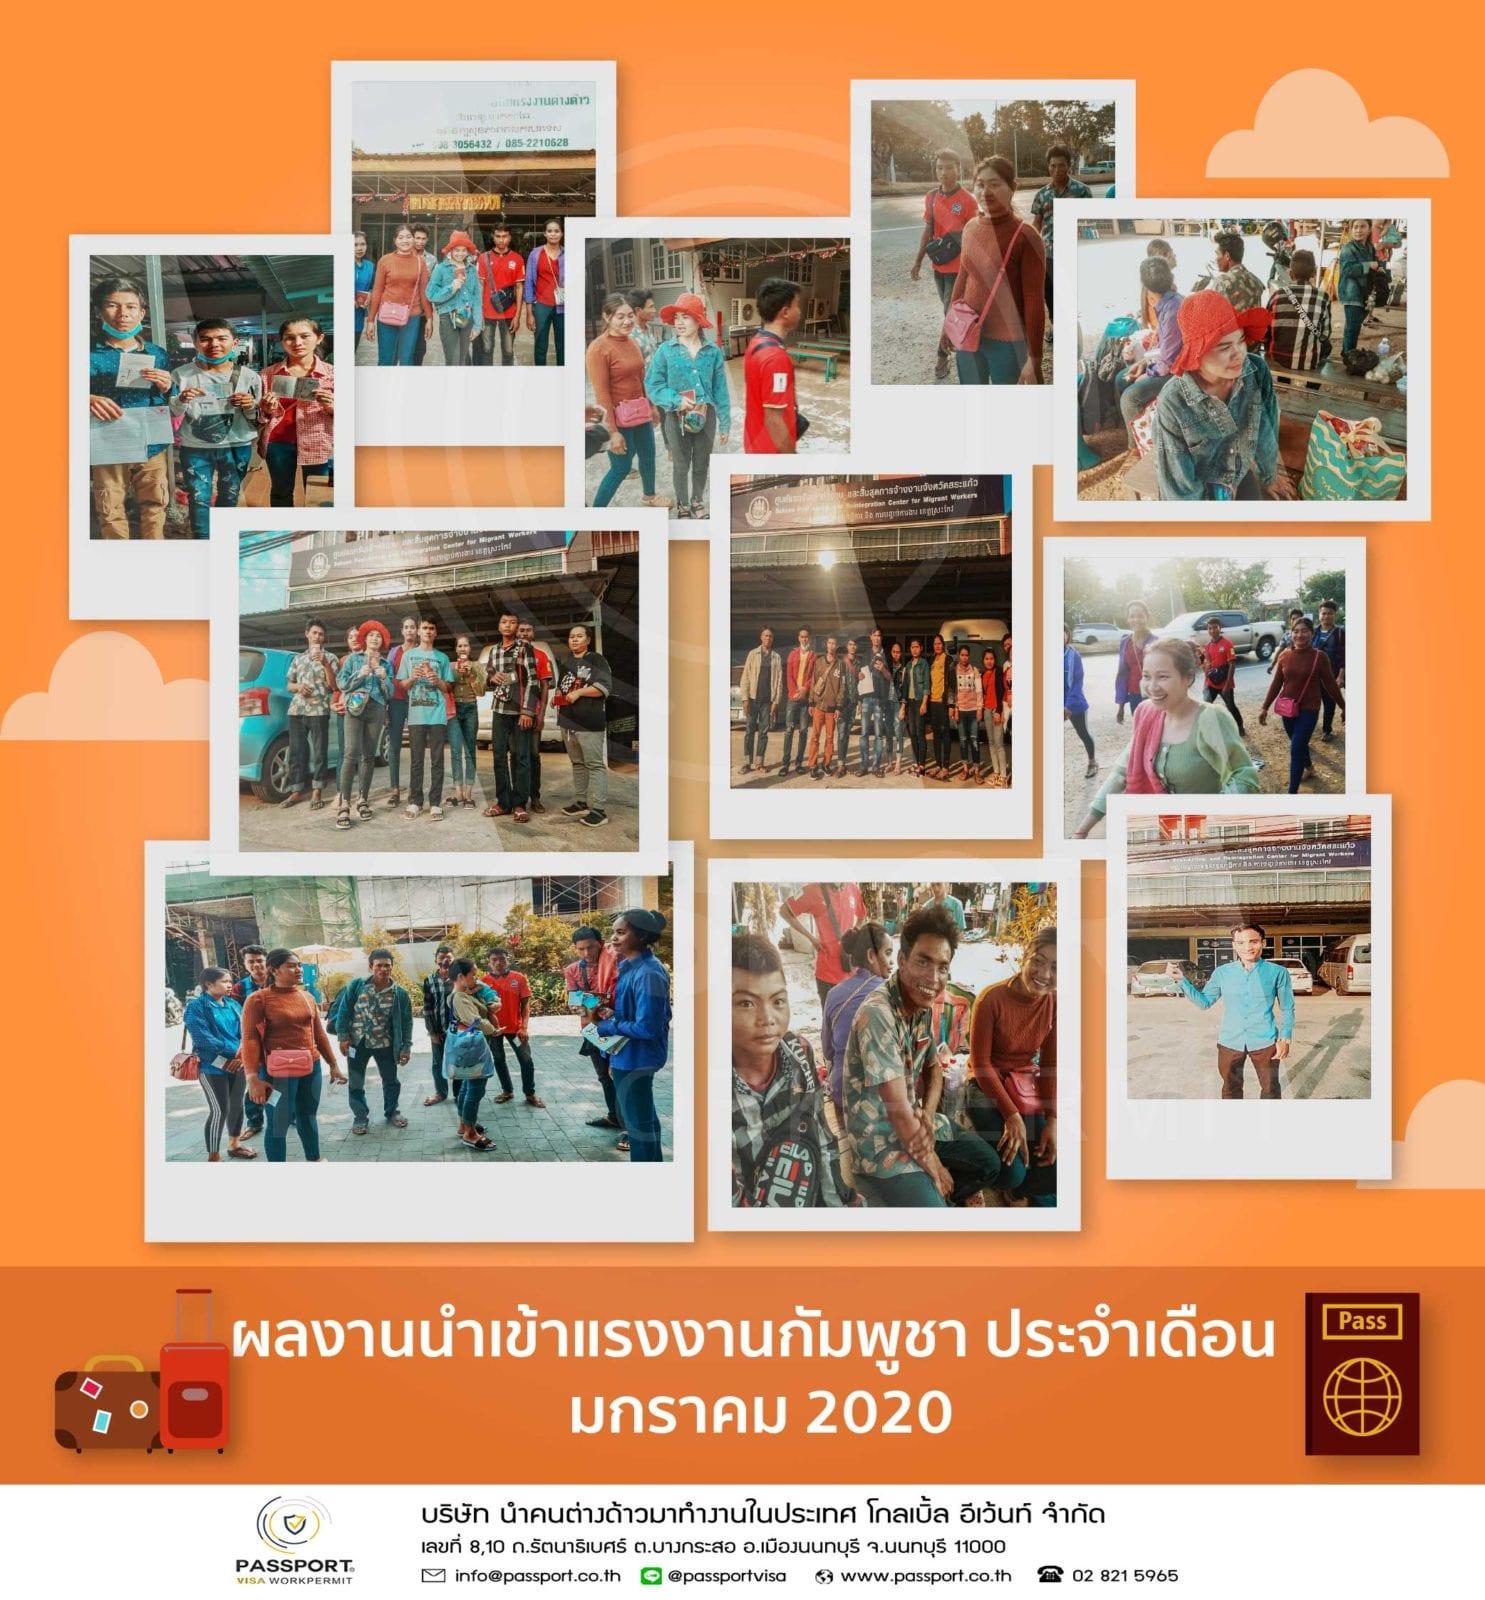 รวม ผลงานนำเข้าแรงงาน MOU สัญชาติกัมพูชา